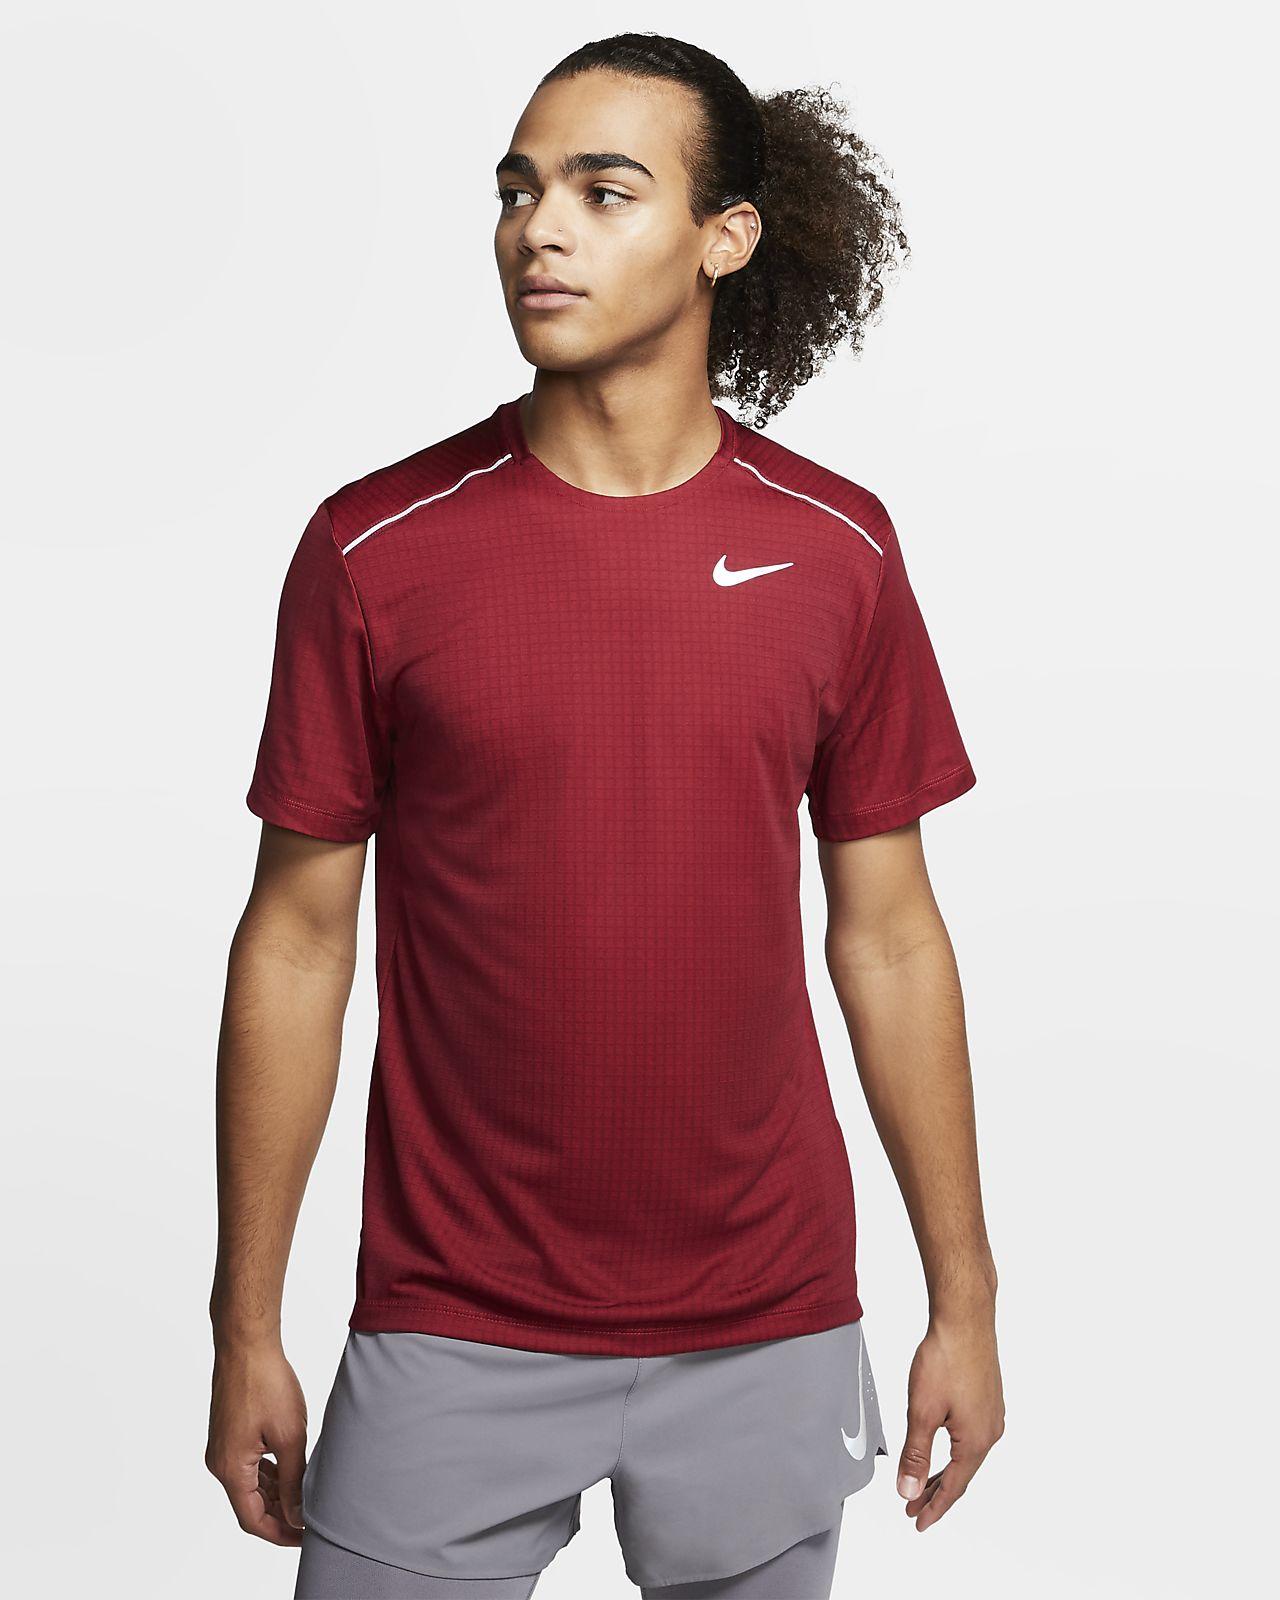 Pánské běžecké tričko s krátkým rukávem Nike Miler